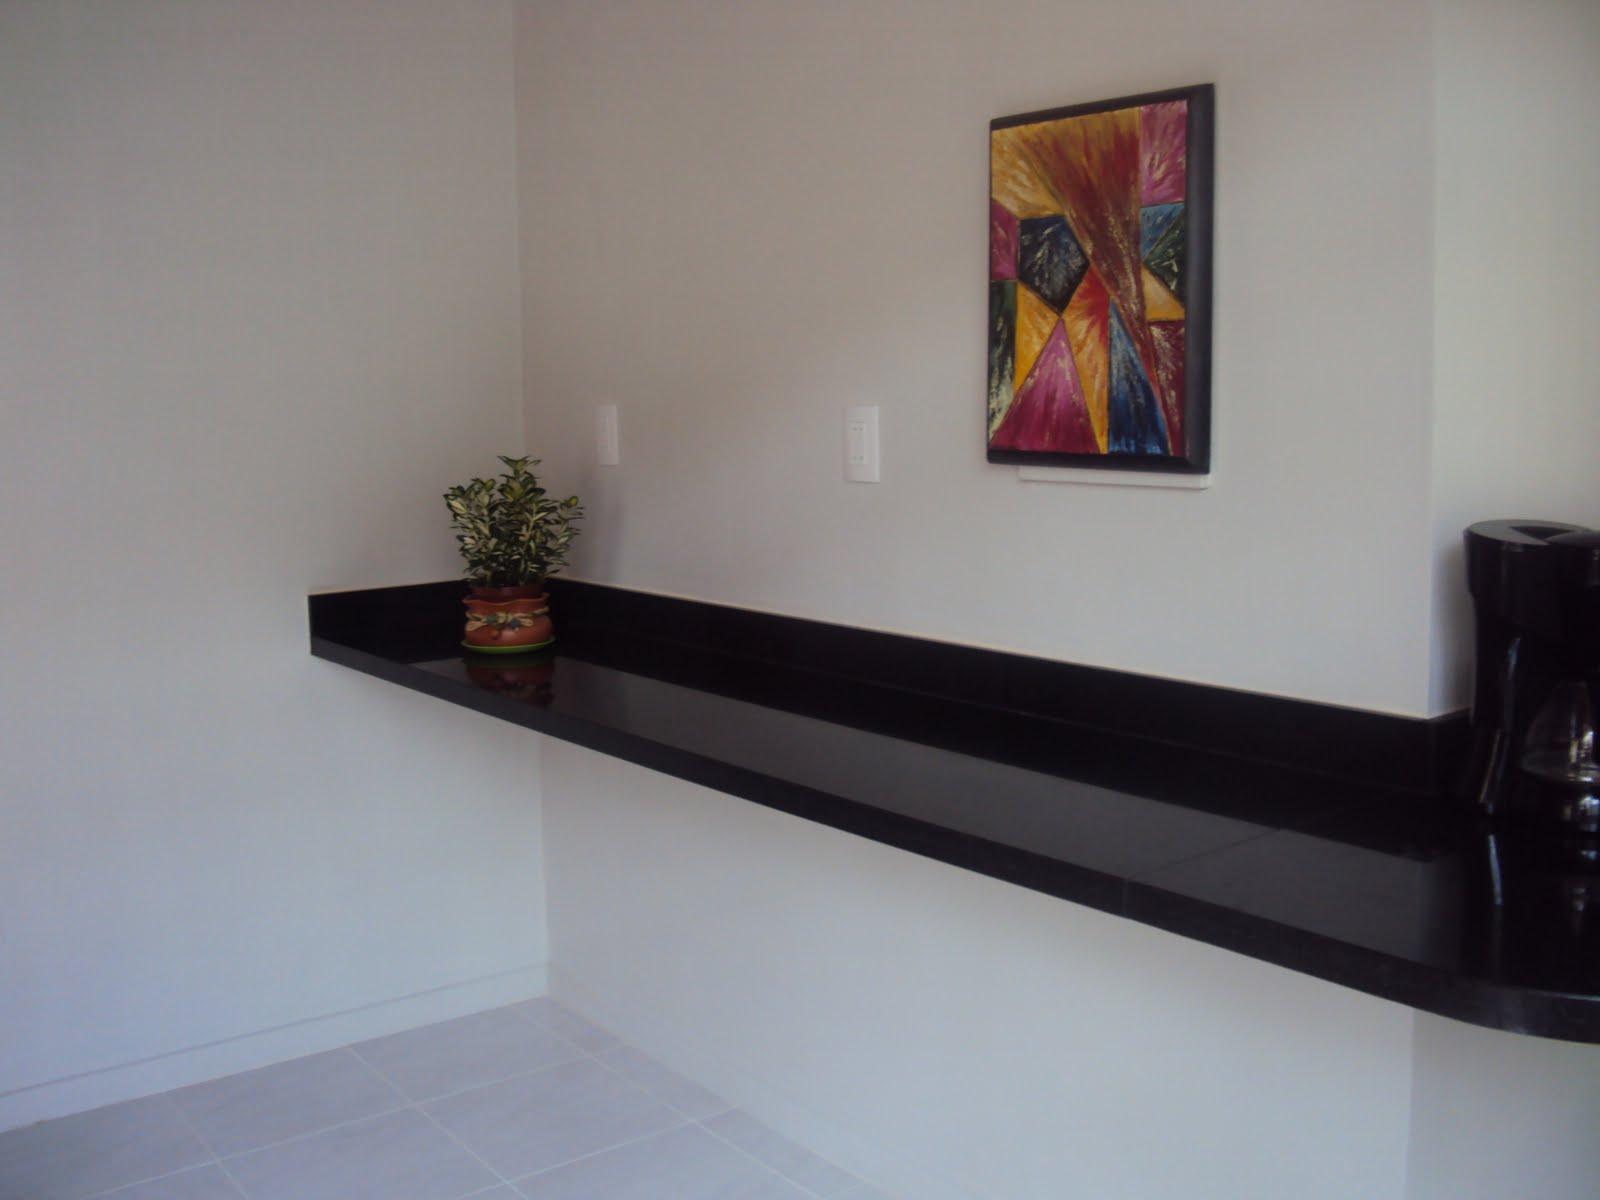 Bancada Sala De Espera Pictures #8A6335 1600x1200